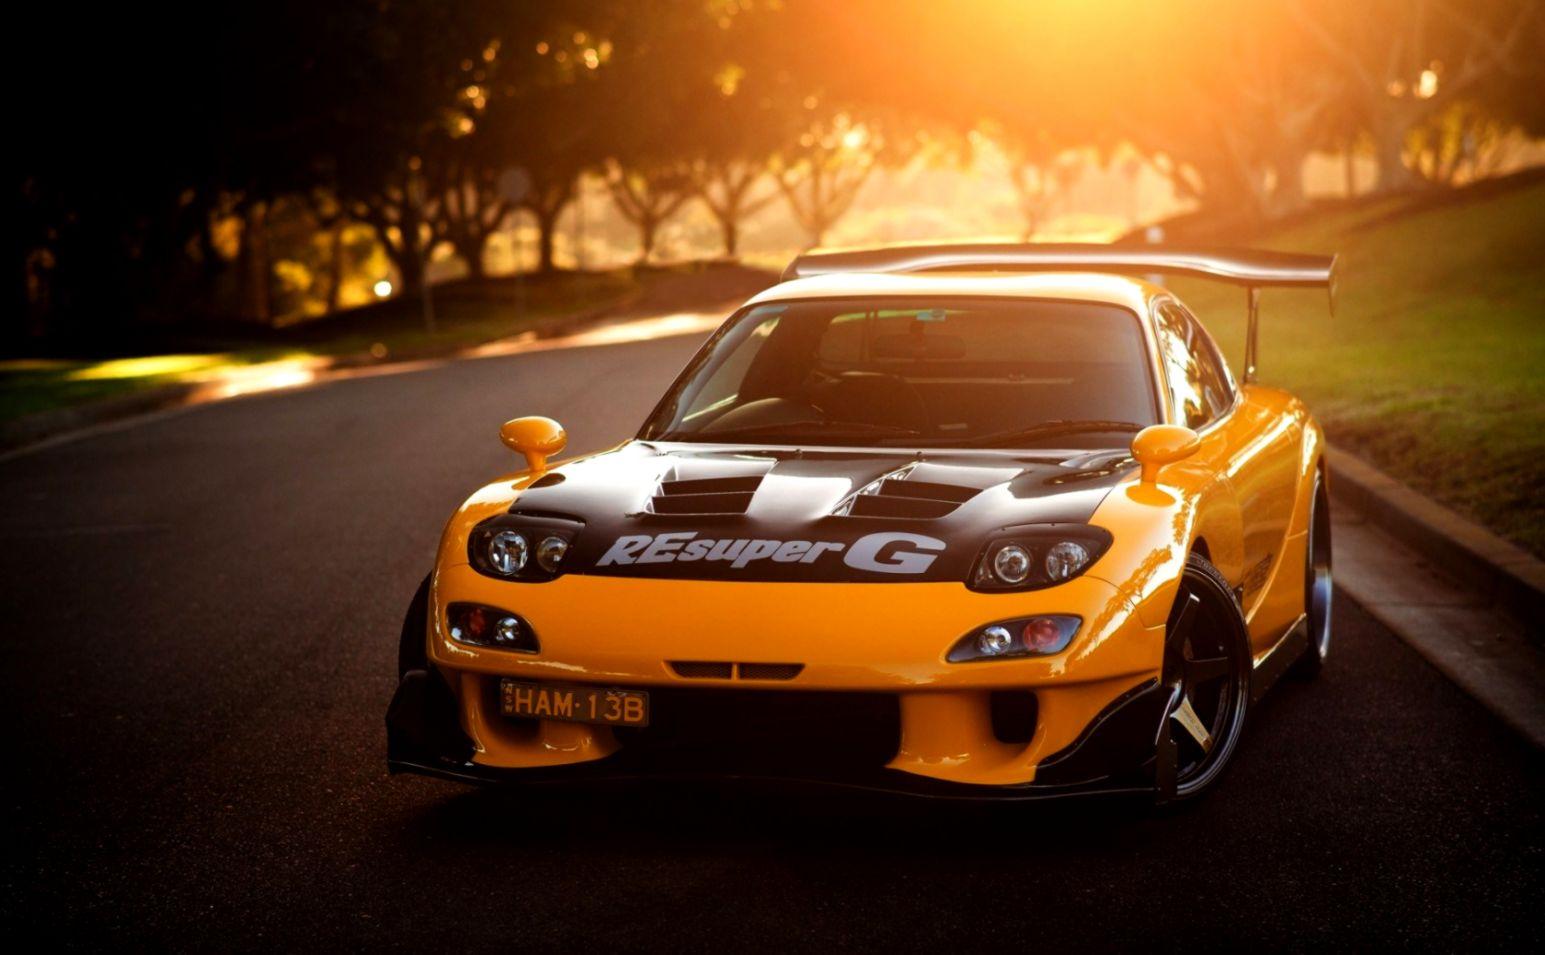 Mazda Sport Cars Wallpapers Hd Desktop Carik Wallpapers